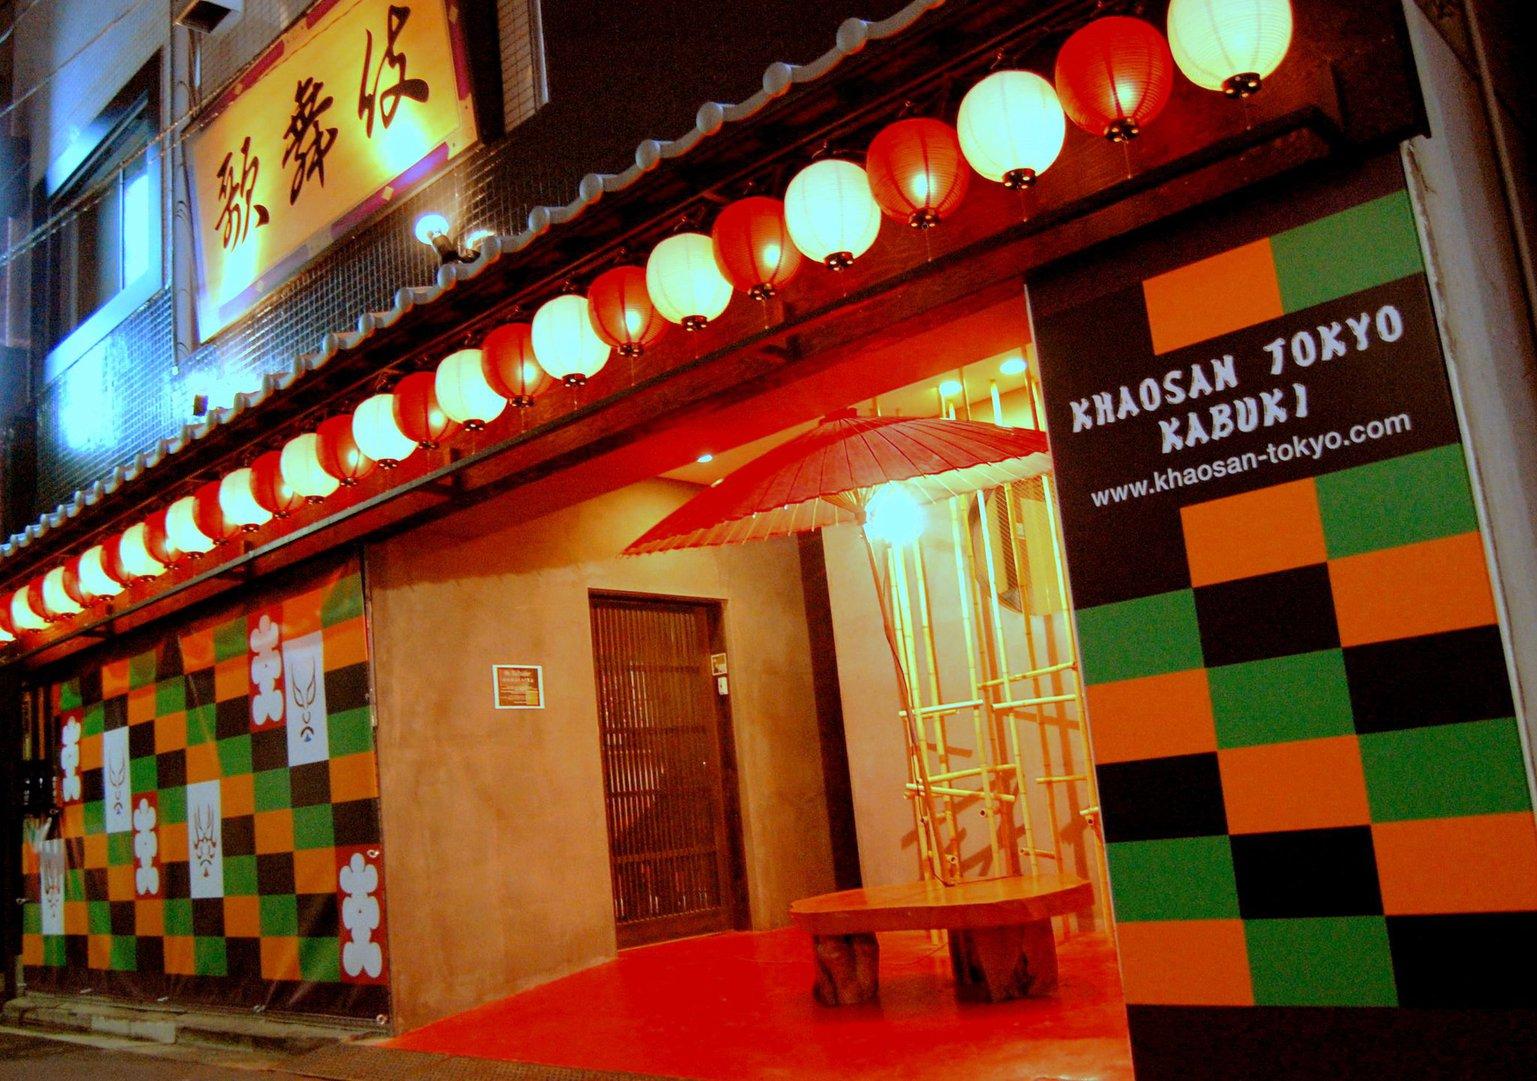 カオサン東京 歌舞伎店◆楽天トラベル